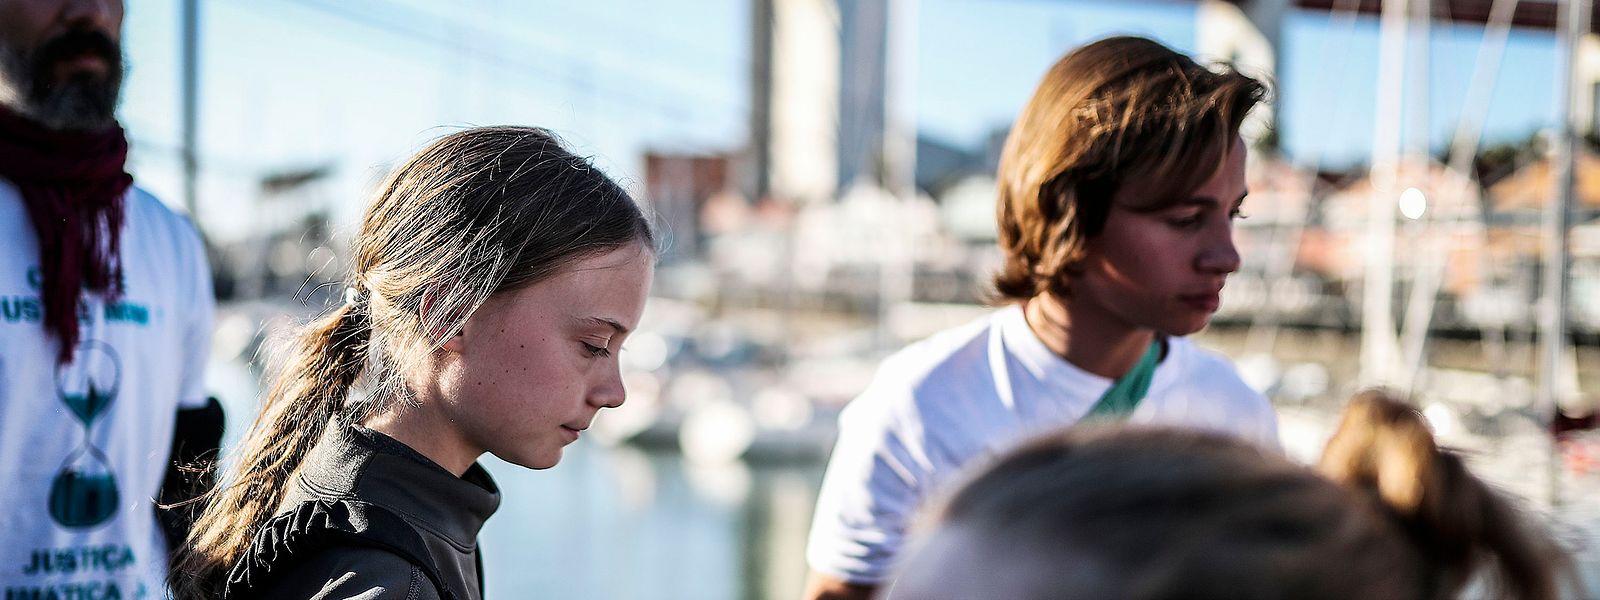 Die schwedische Klimaaktivistin Greta Thunberg bei ihrer Ankunft in Lissabon.